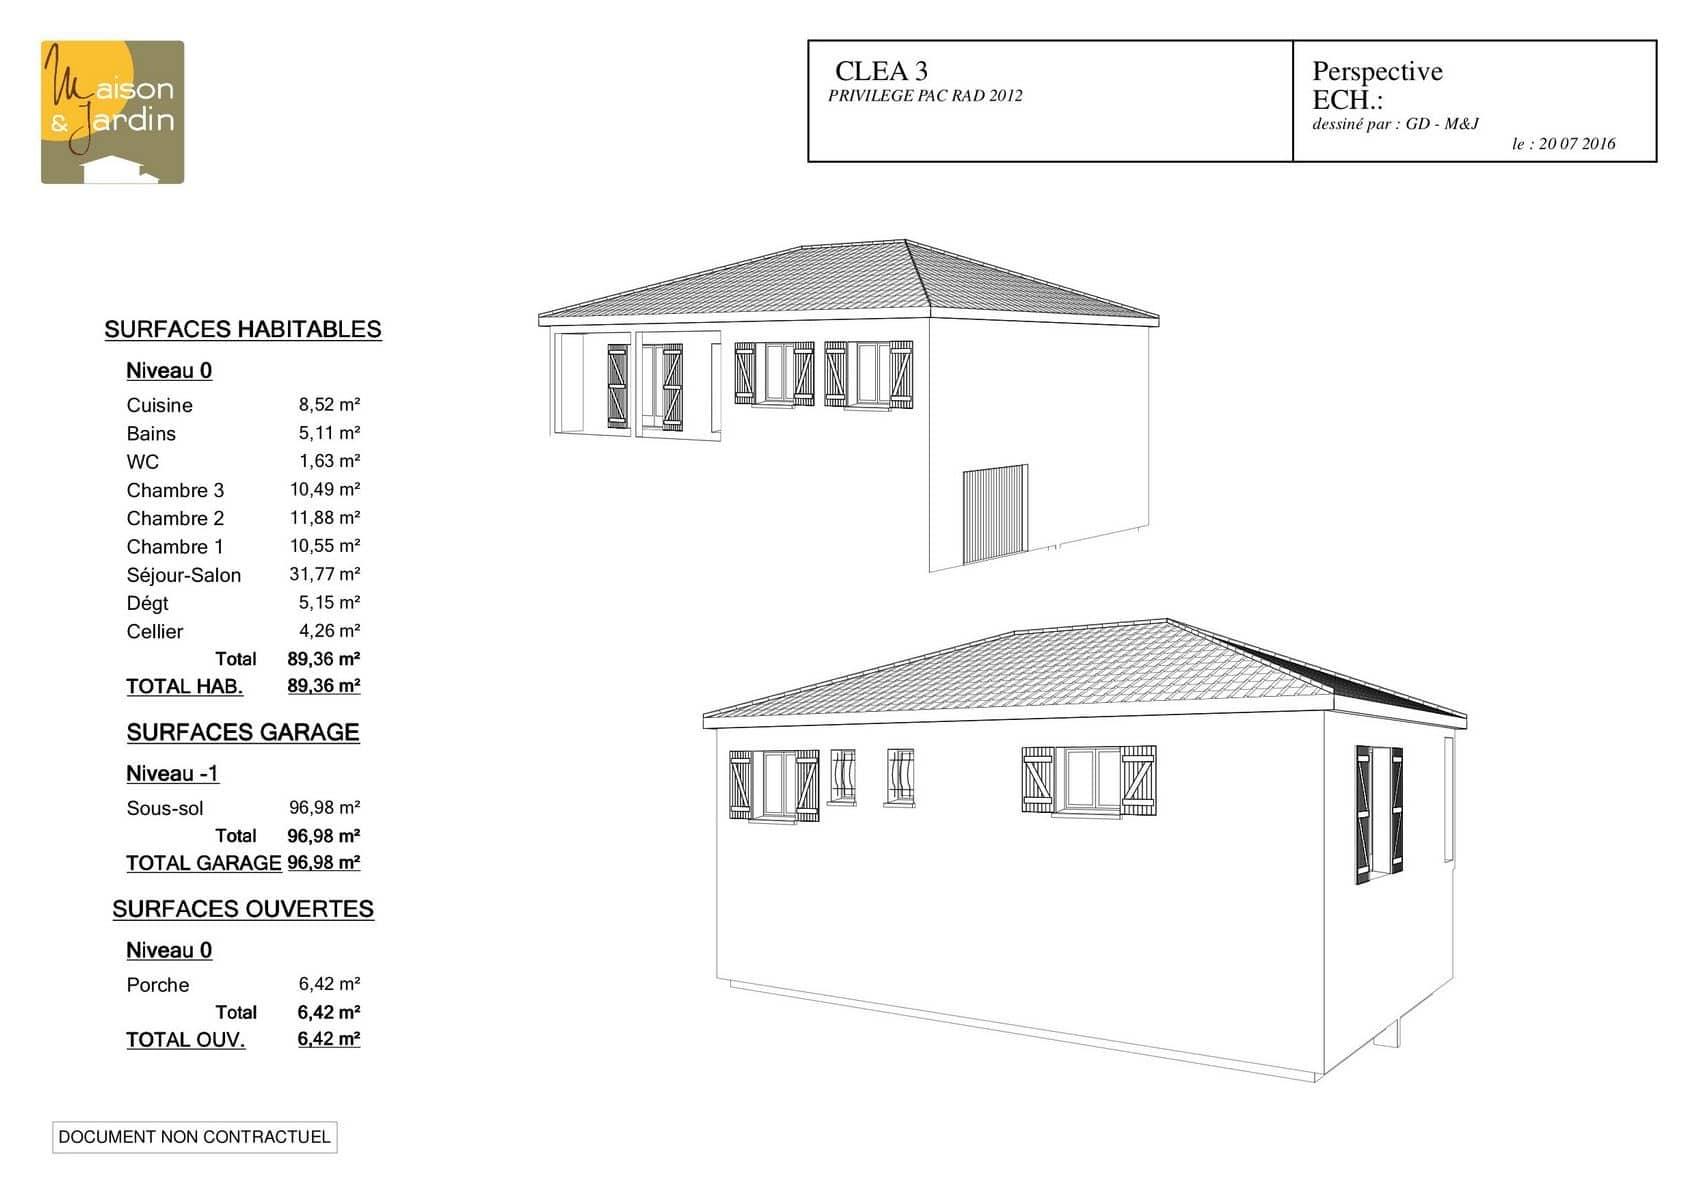 plan maison Clea99perspective